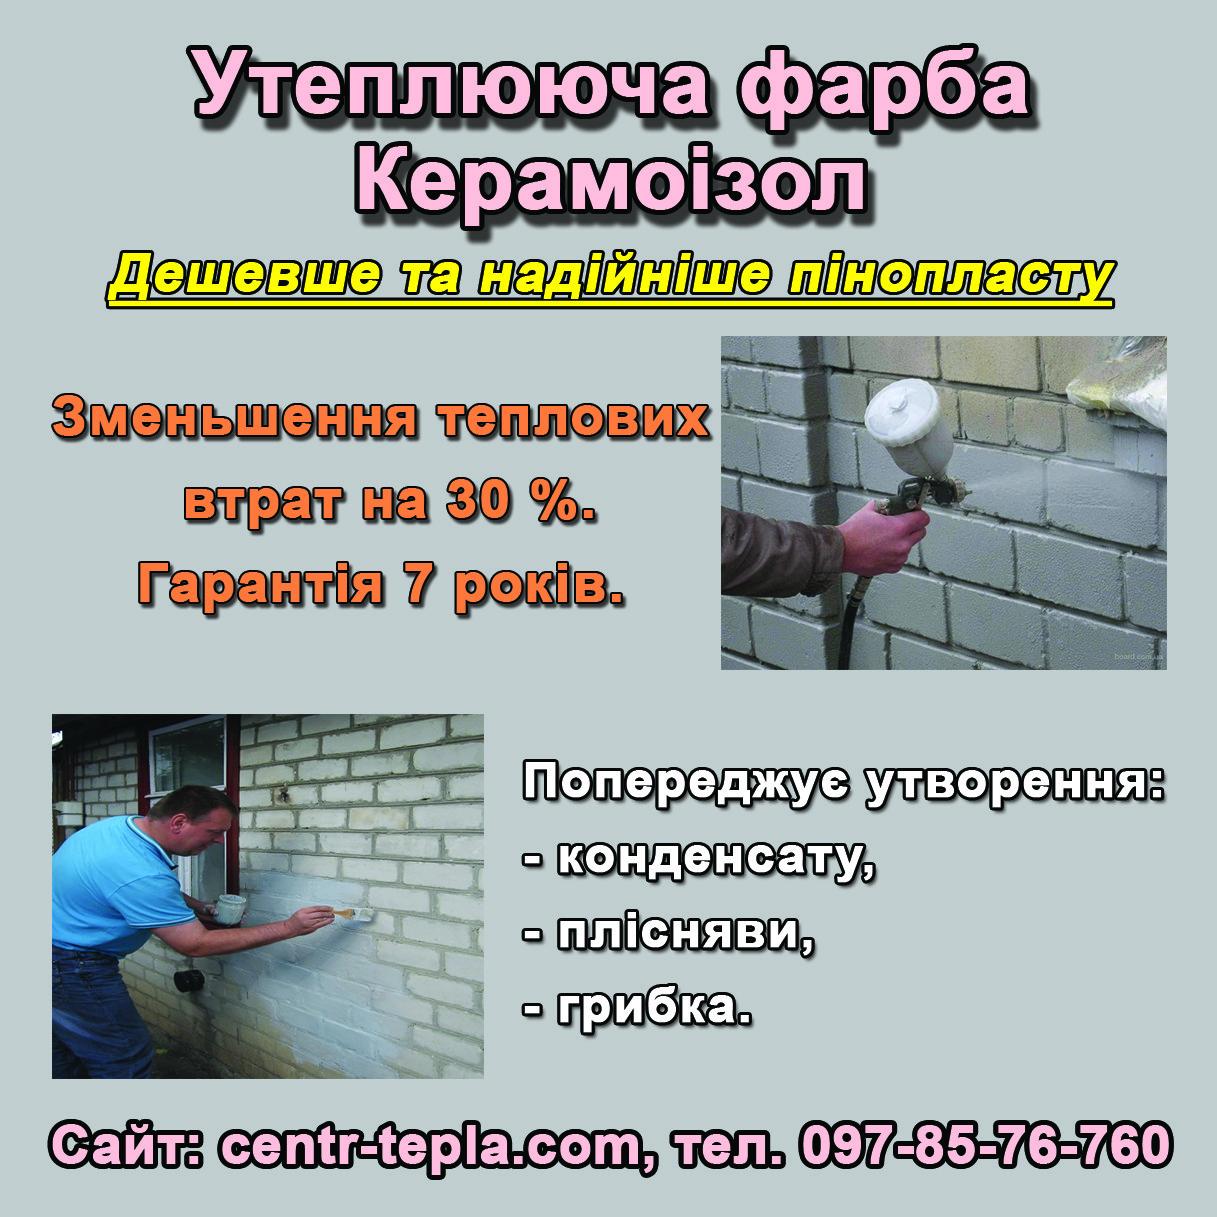 Теплокраска для утепления - Керамоизол